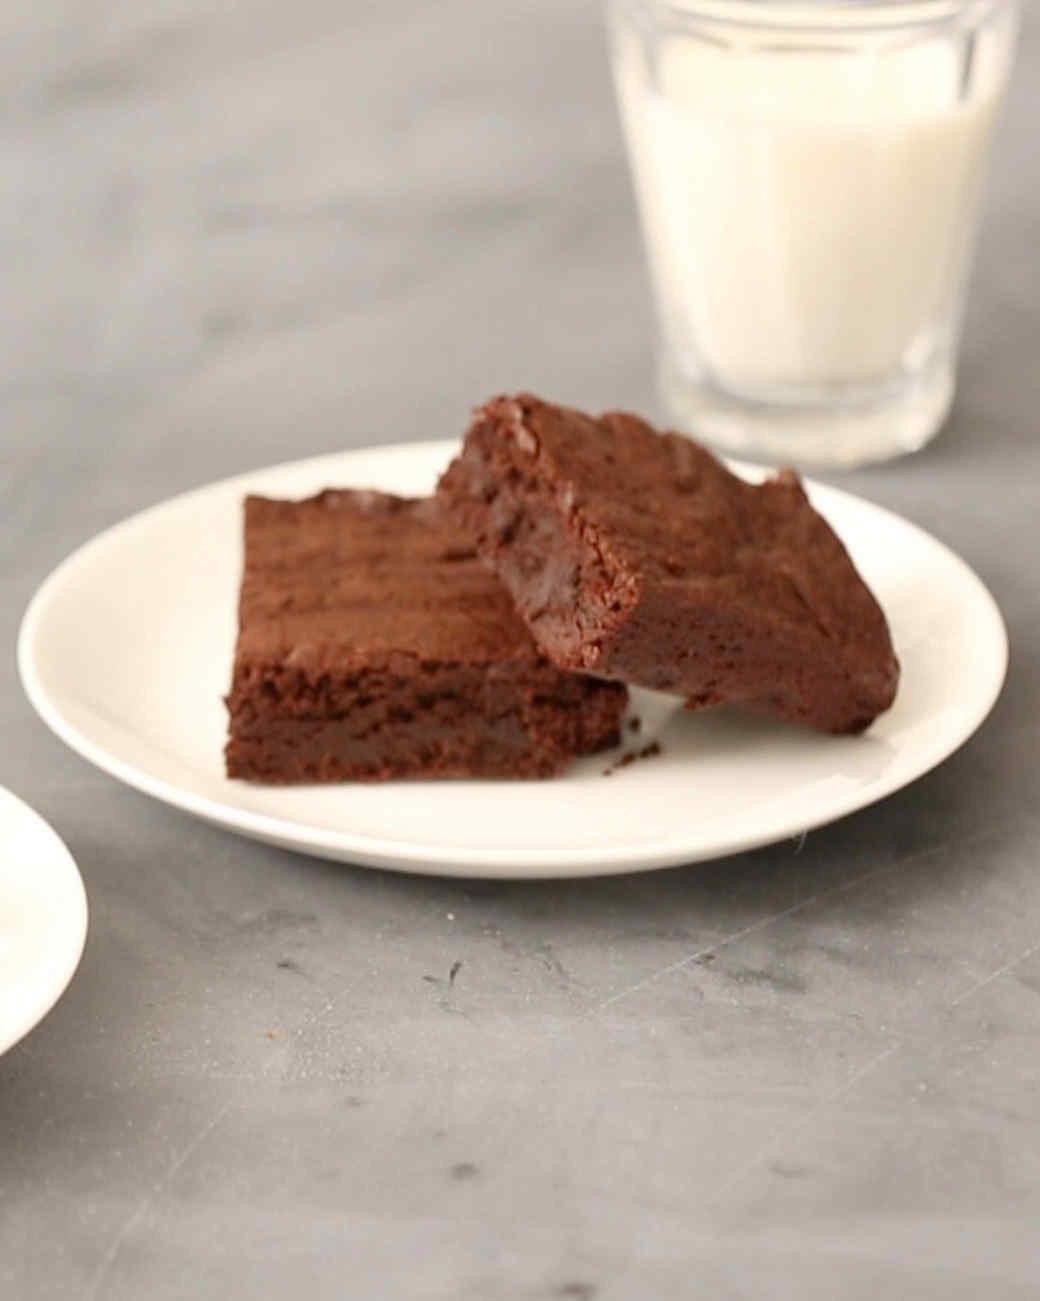 homemade-fudge-brownies-kc0069-0430.jpg